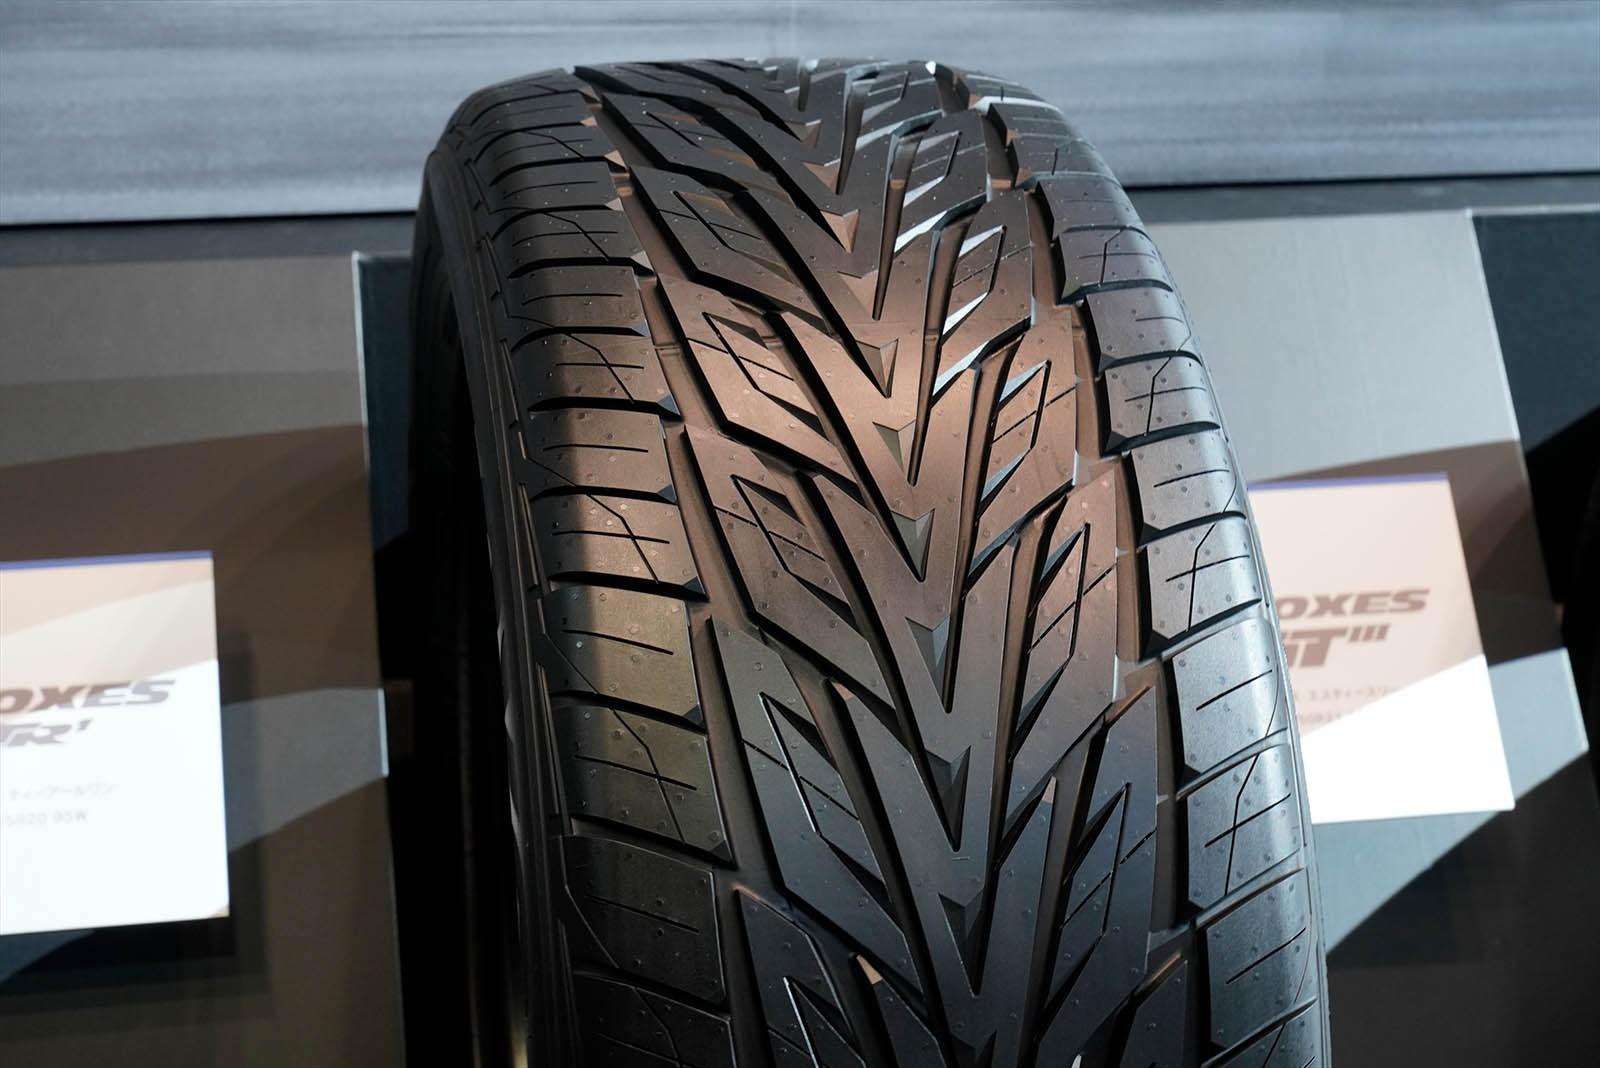 Апрель – пора менять шины на летние. Или нет? Разбираемся в нюансах вместе с Toyo Tires